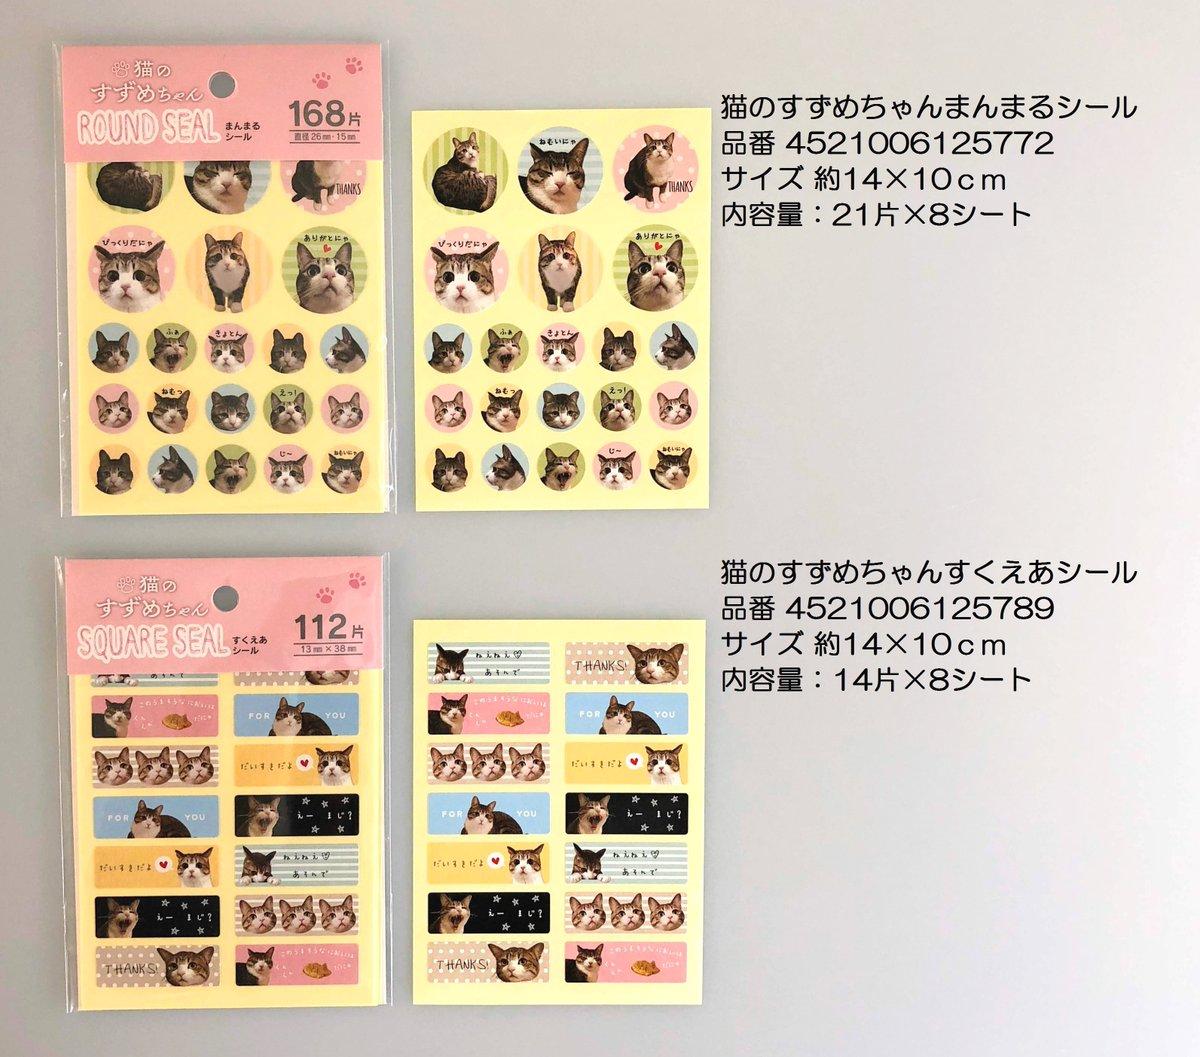 test ツイッターメディア - 本日7月18日(水)より順次発売開始★ 「 #猫のすずめちゃん 」コラボ商品をご紹介します!!  第1弾は使って可愛い、集めて可愛い #シール ! ノートやお手紙に貼れるシールはもちろん、壁のデコレーションに使える #ウォールステッカー も登場!  #キャンドゥ #100均 #猫 https://t.co/yK1iClZYhI